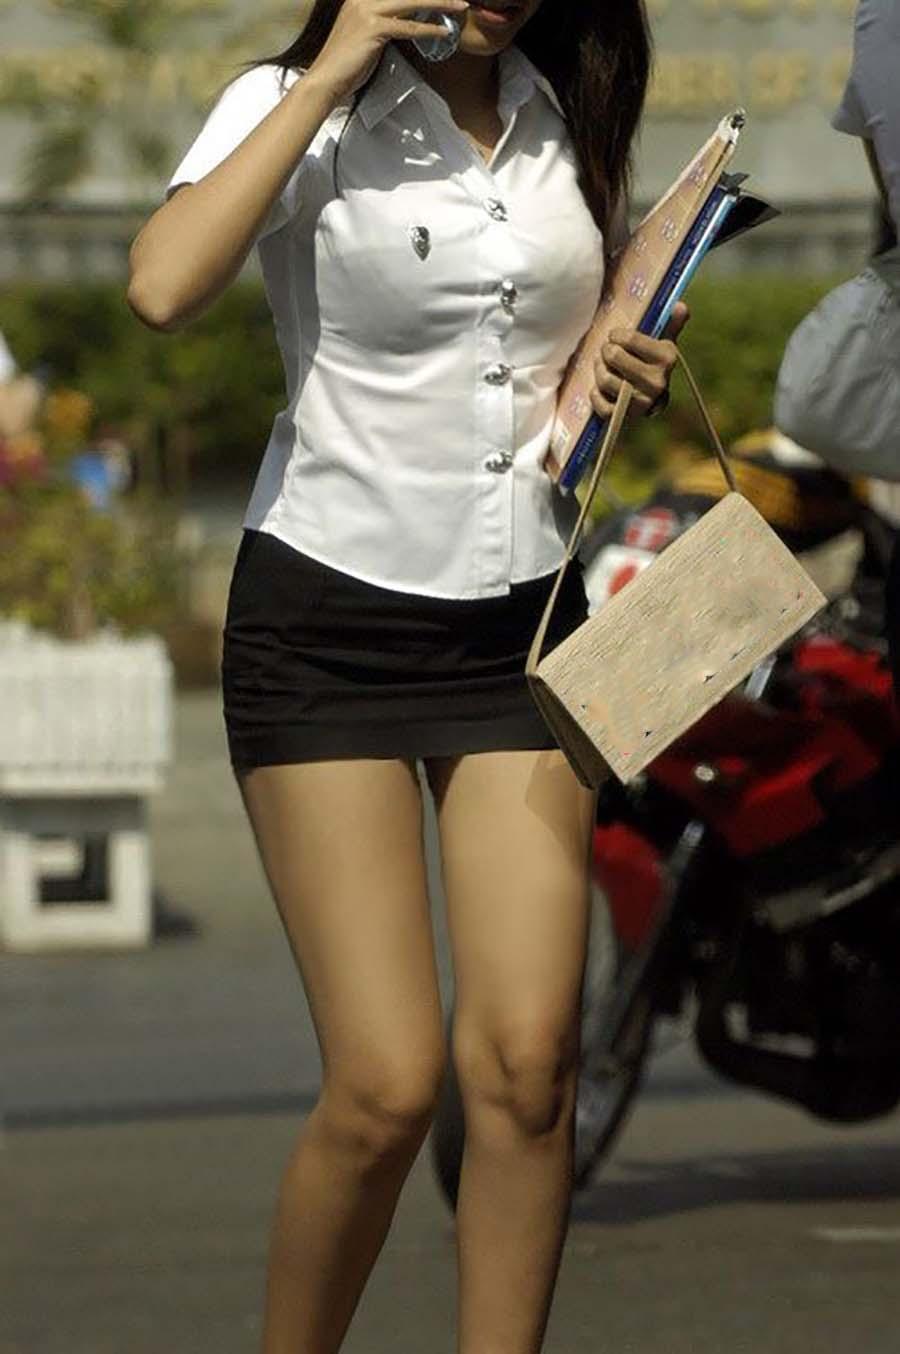 台湾の女子大学生が社内レディーさんみたいなセイフクでタイトスカートだしたまらんちーwwwwwwwwwwww(写真あり)